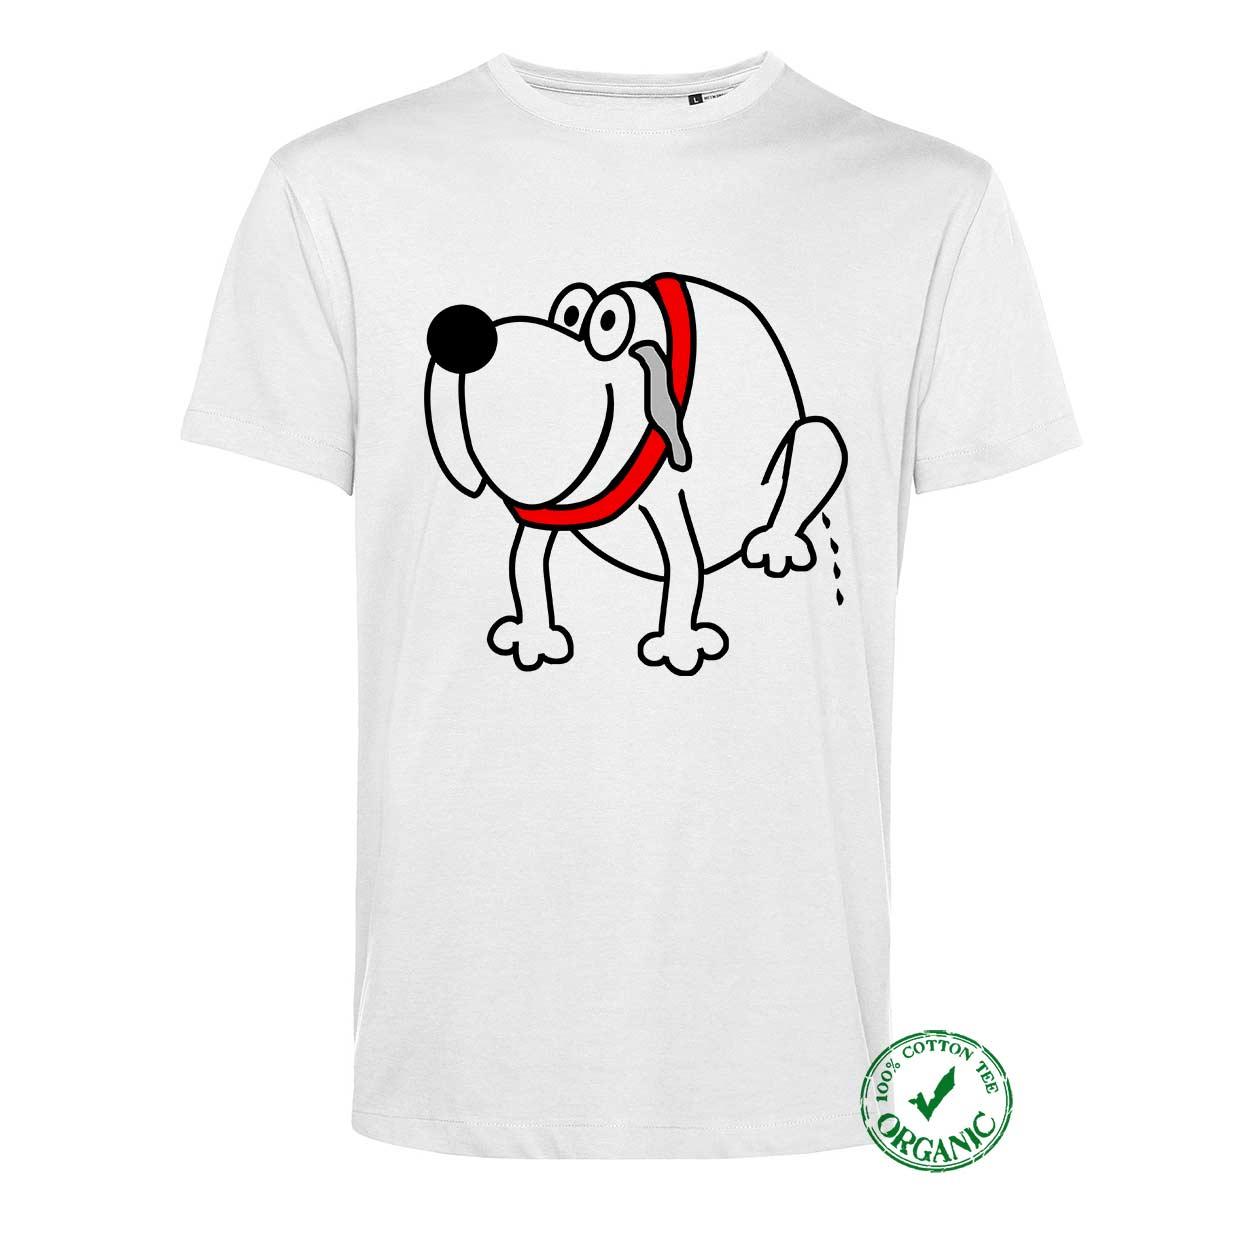 T-shirt Xixi de Cão